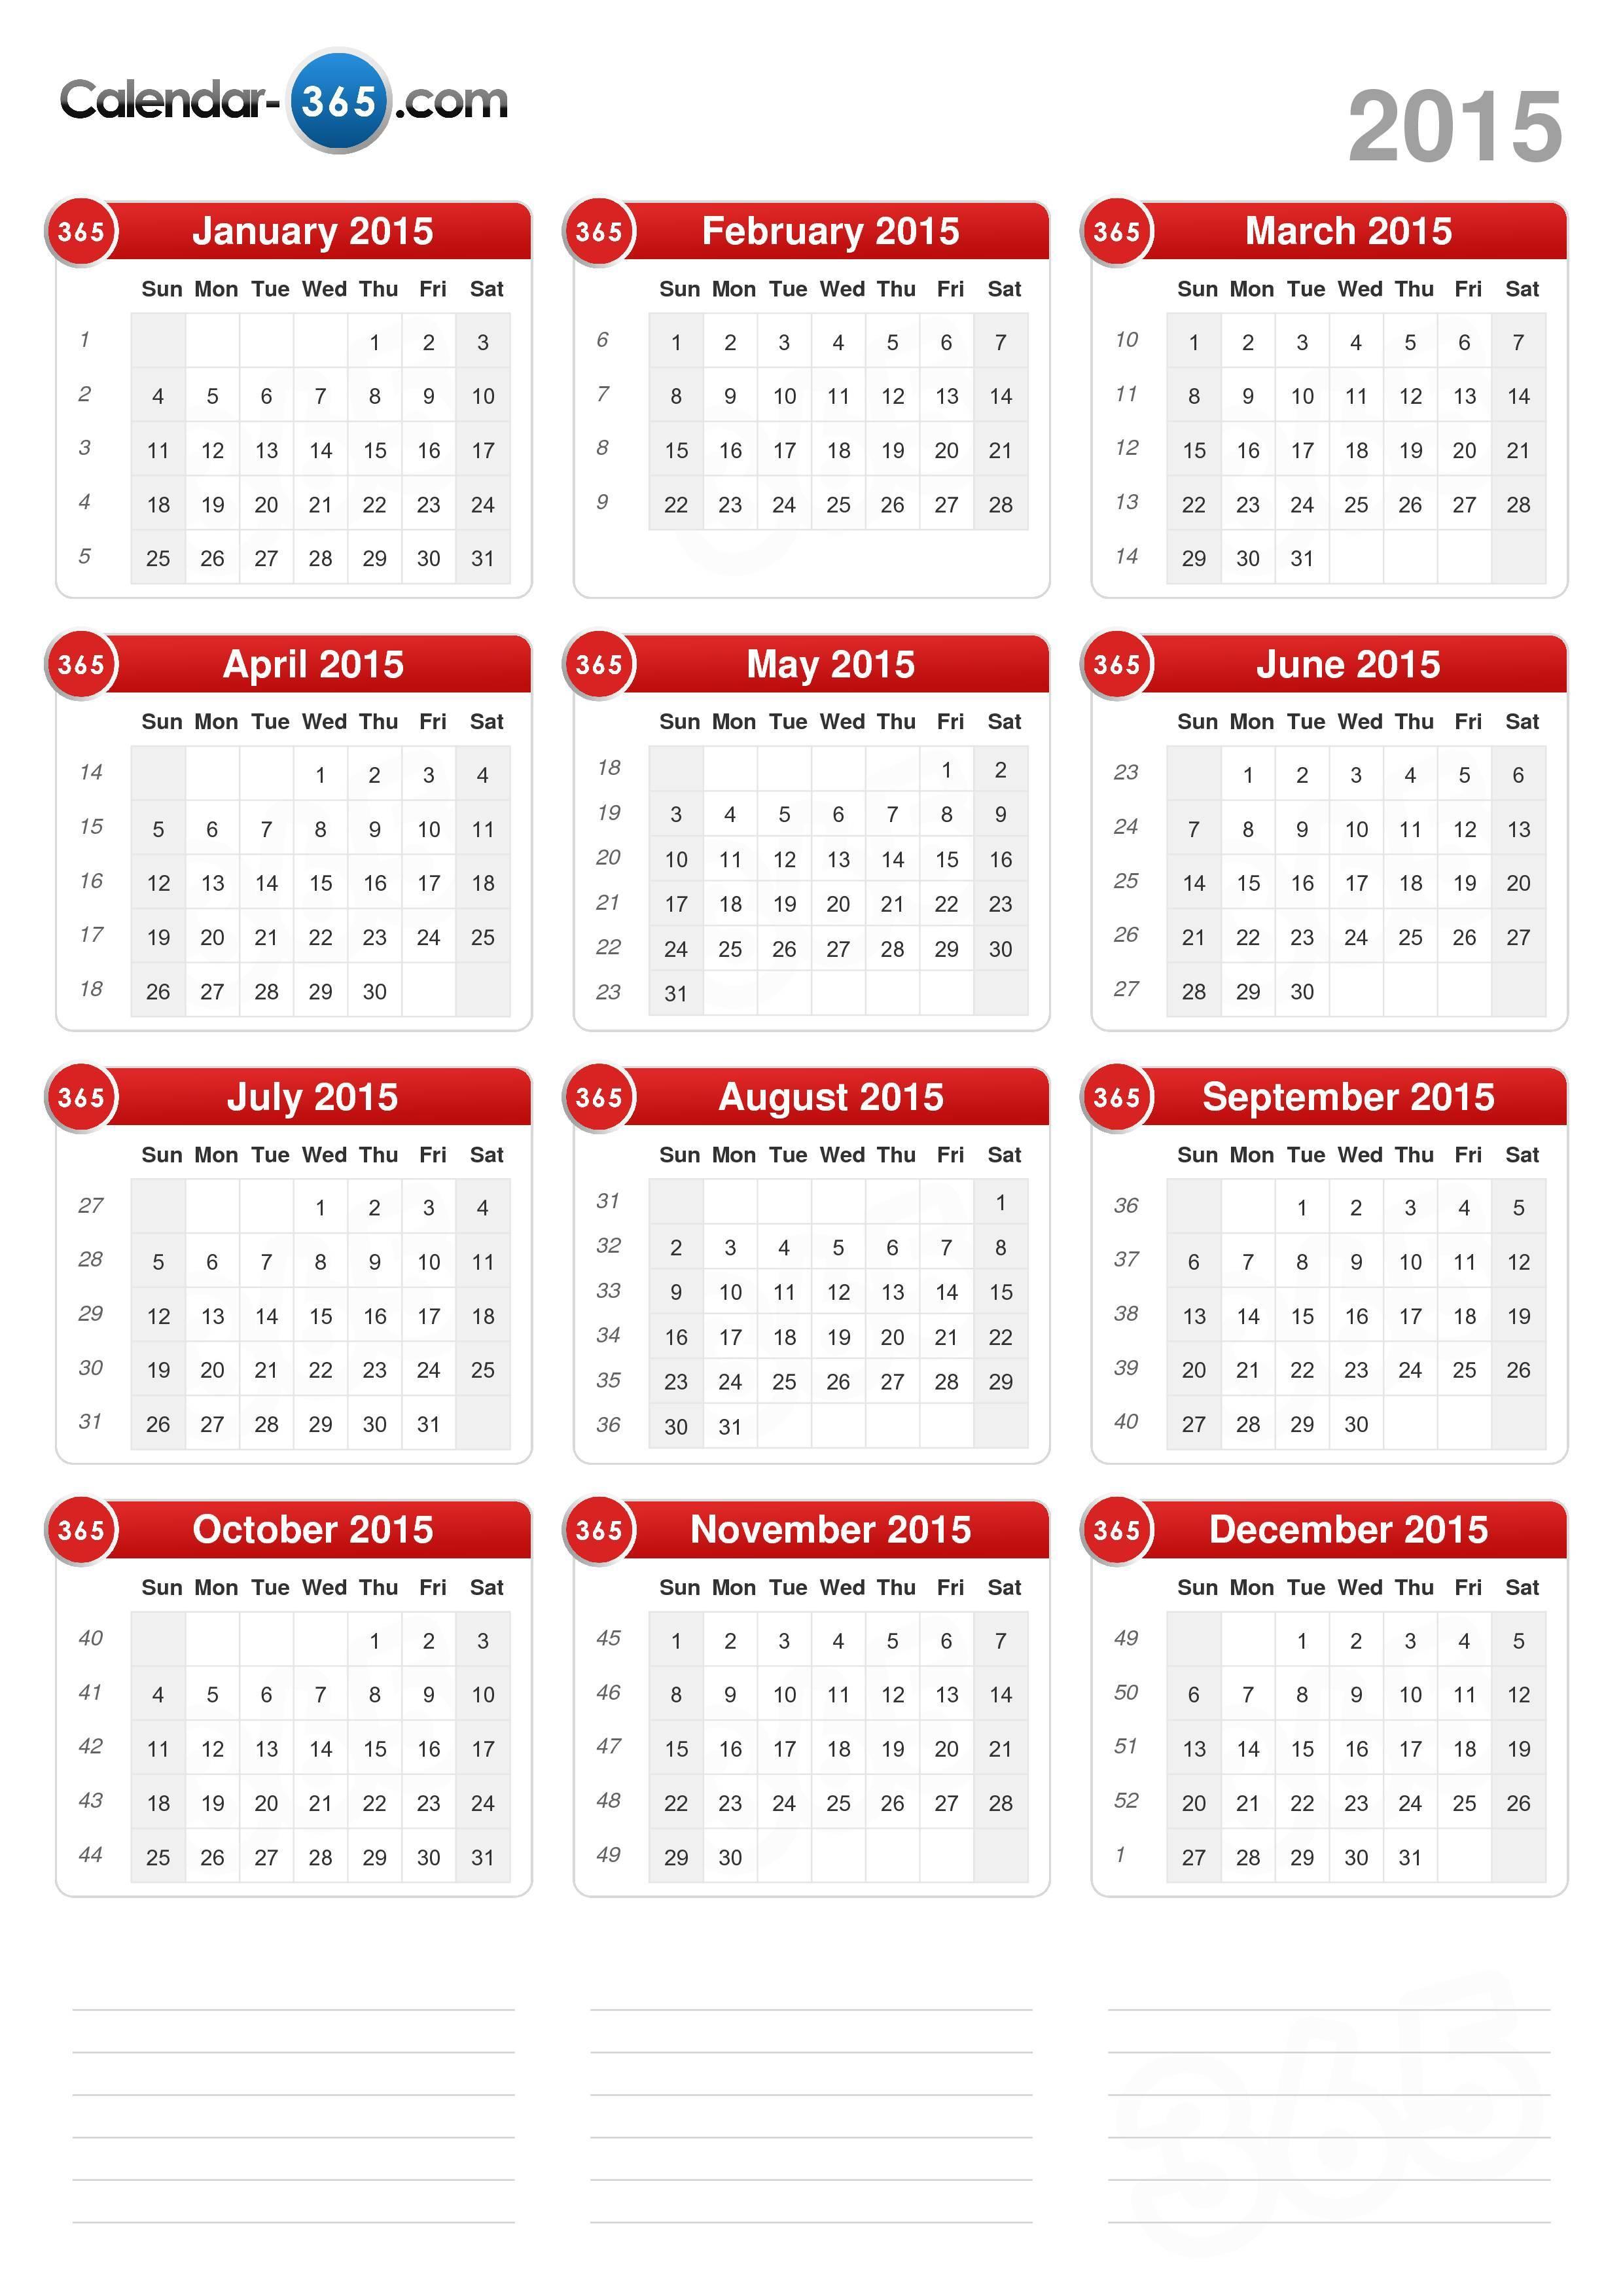 julian calendar 2015